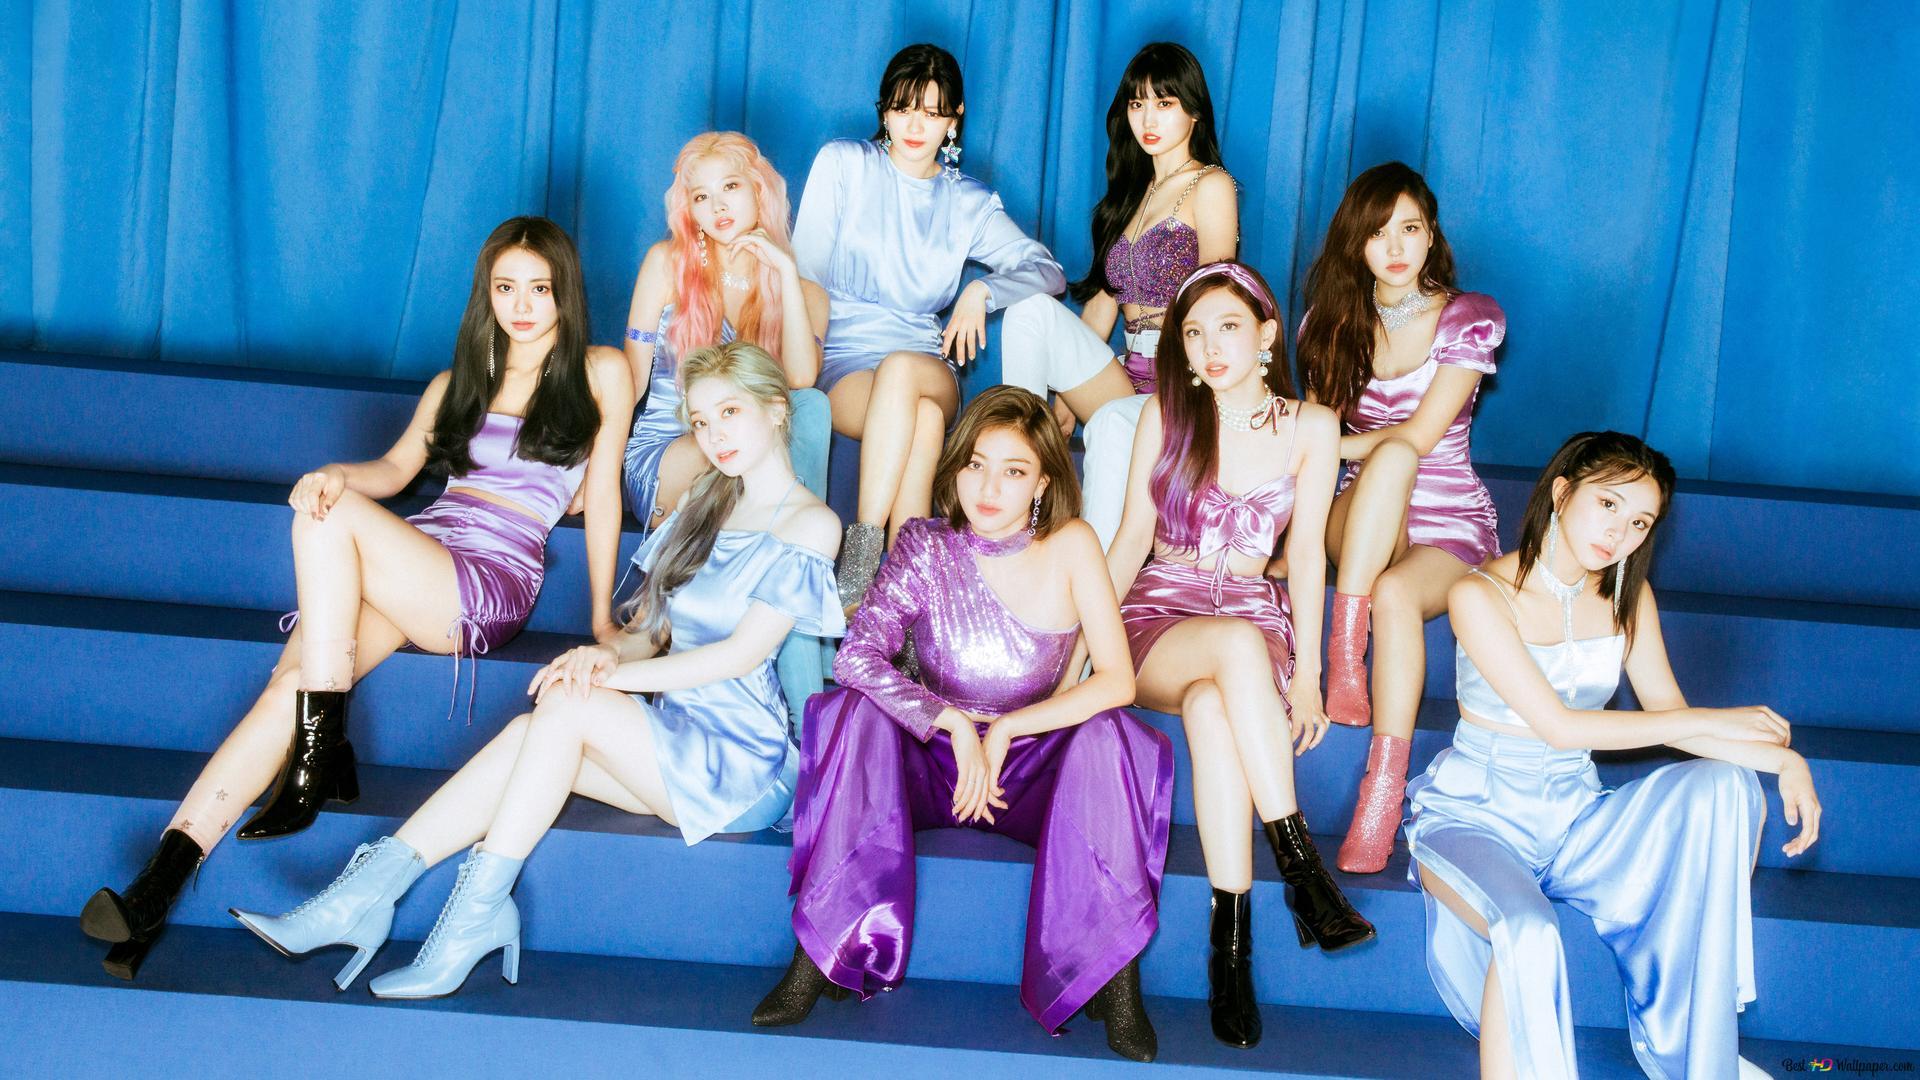 Twice K Pop Band Members In Feel Special Mv Photoshoot Hd Wallpaper Download